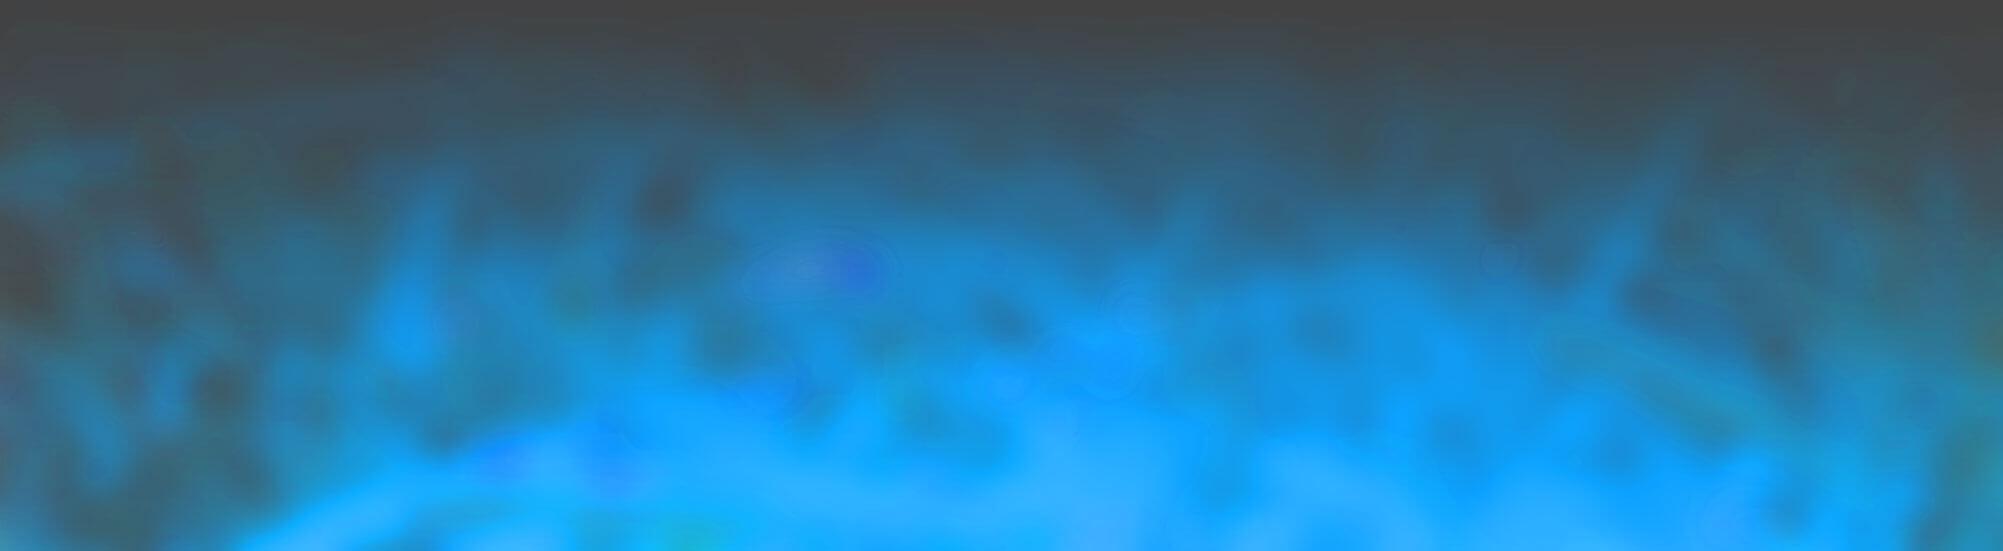 möglicher_hintergrund_hellblau_verlauf_stempel